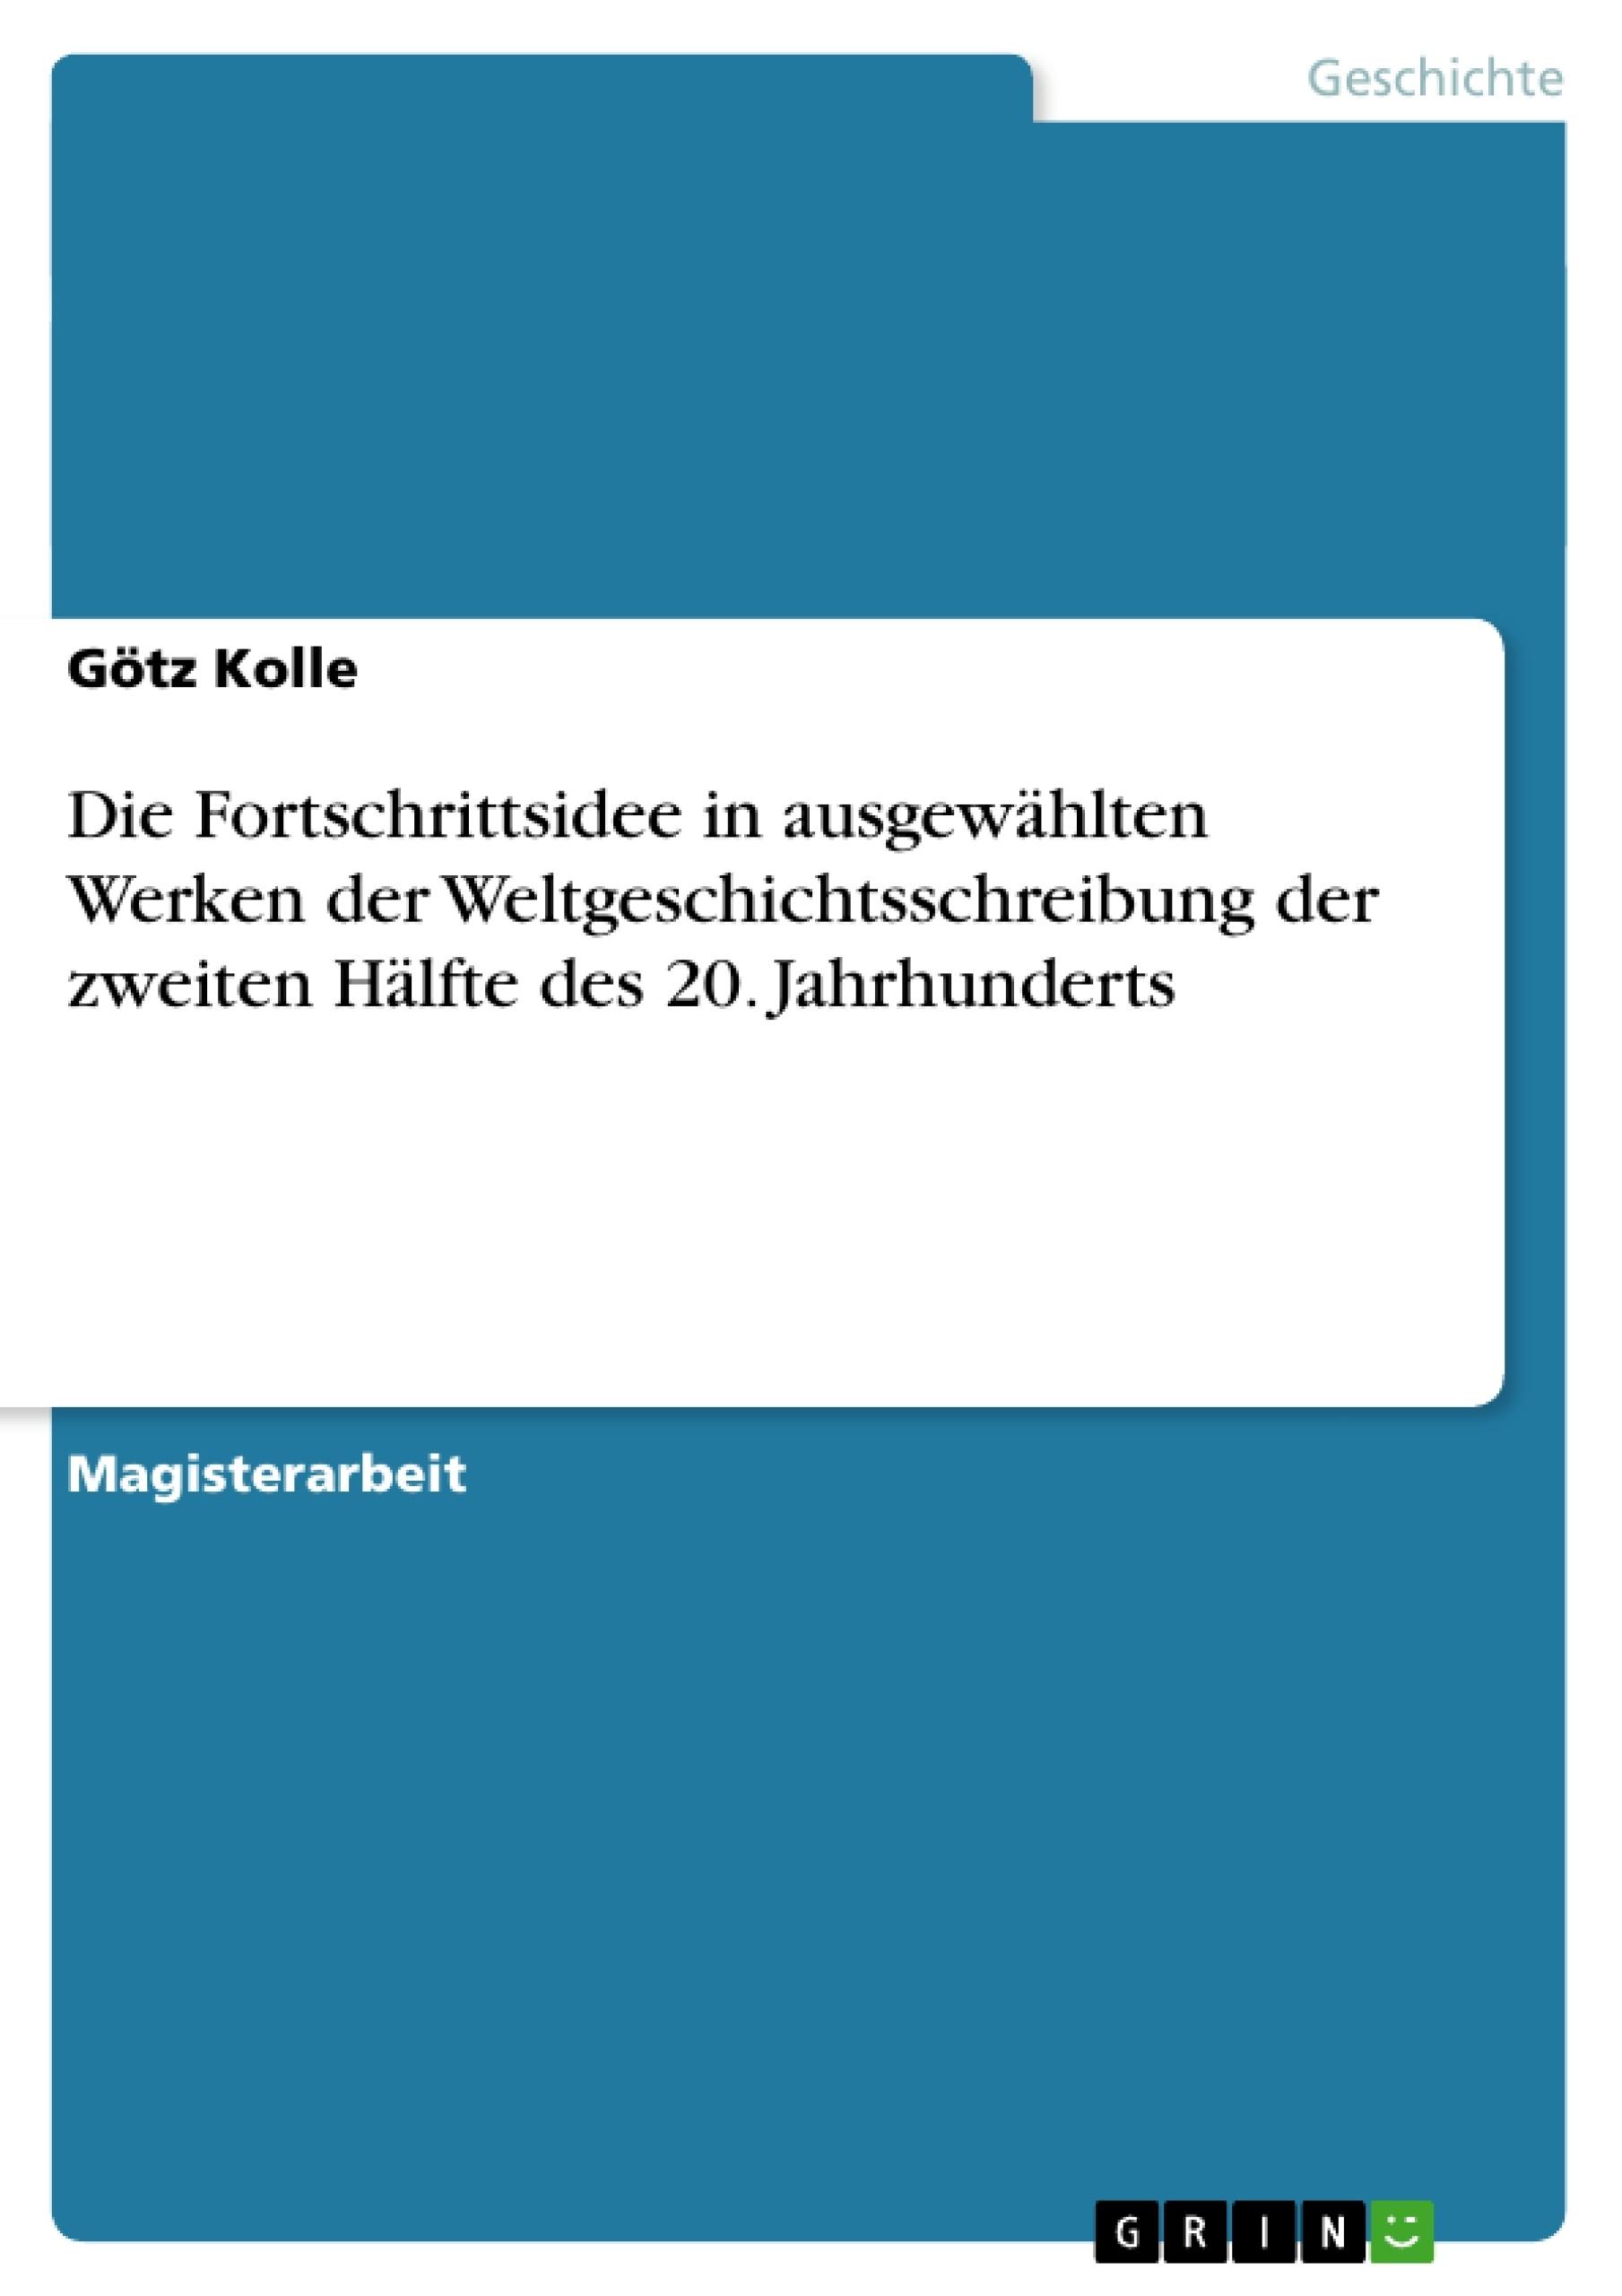 Titel: Die Fortschrittsidee in ausgewählten Werken der Weltgeschichtsschreibung der zweiten Hälfte des 20. Jahrhunderts